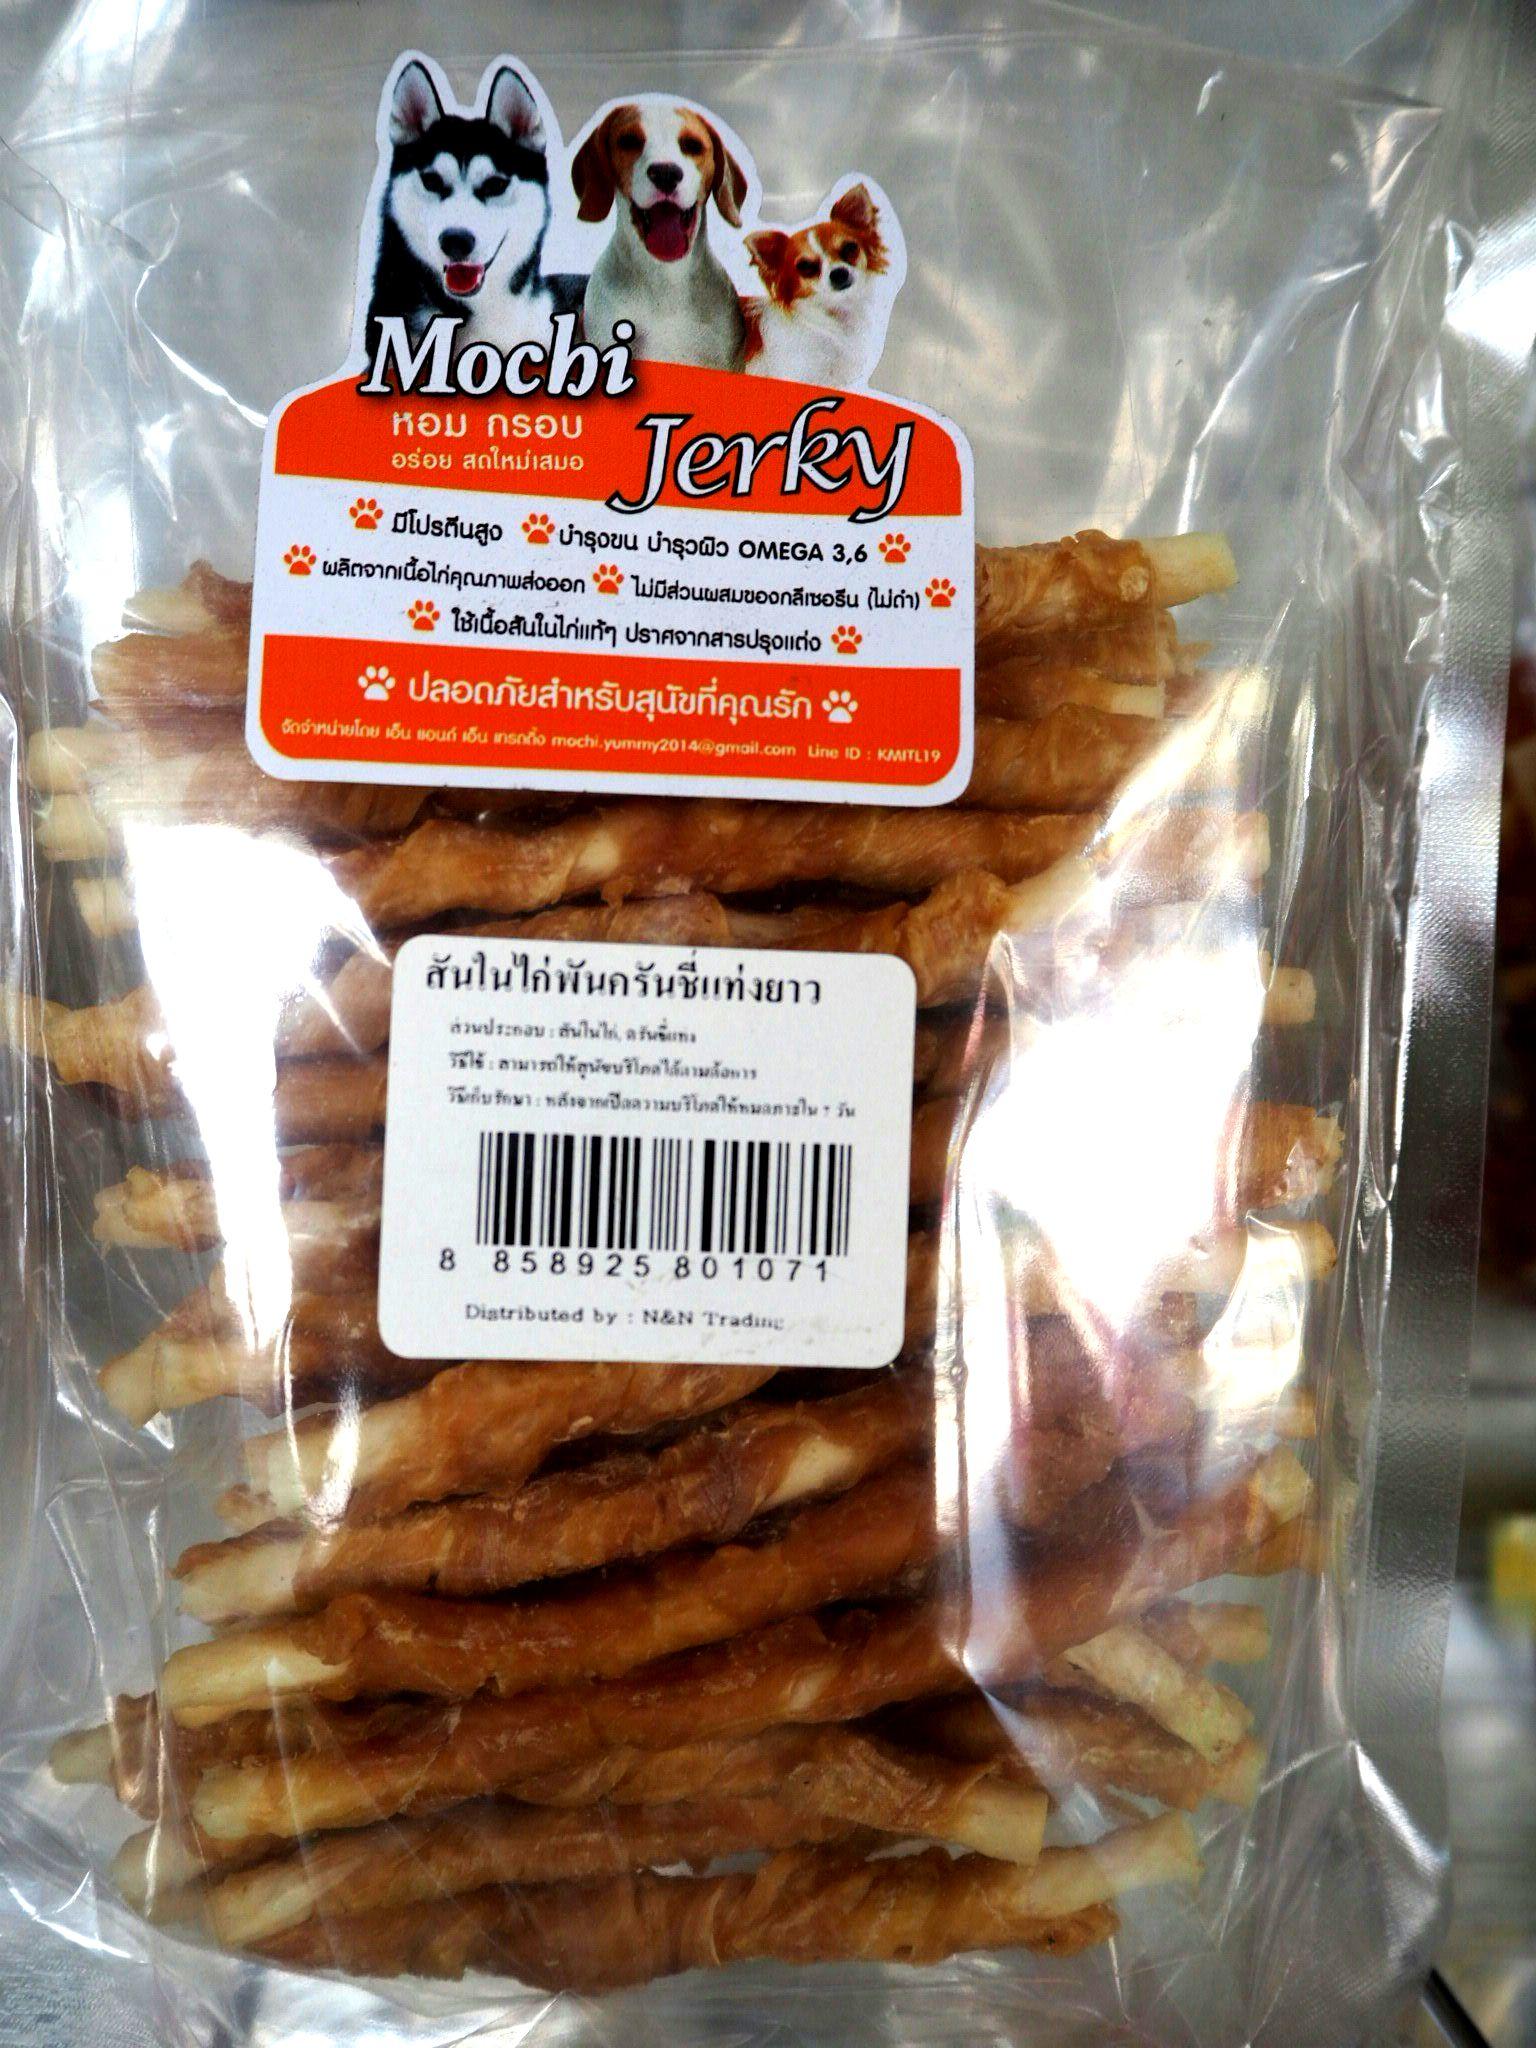 Mochi Yummy สันในไก่พันครันชี่ แท่งยาว 2แพ็ค